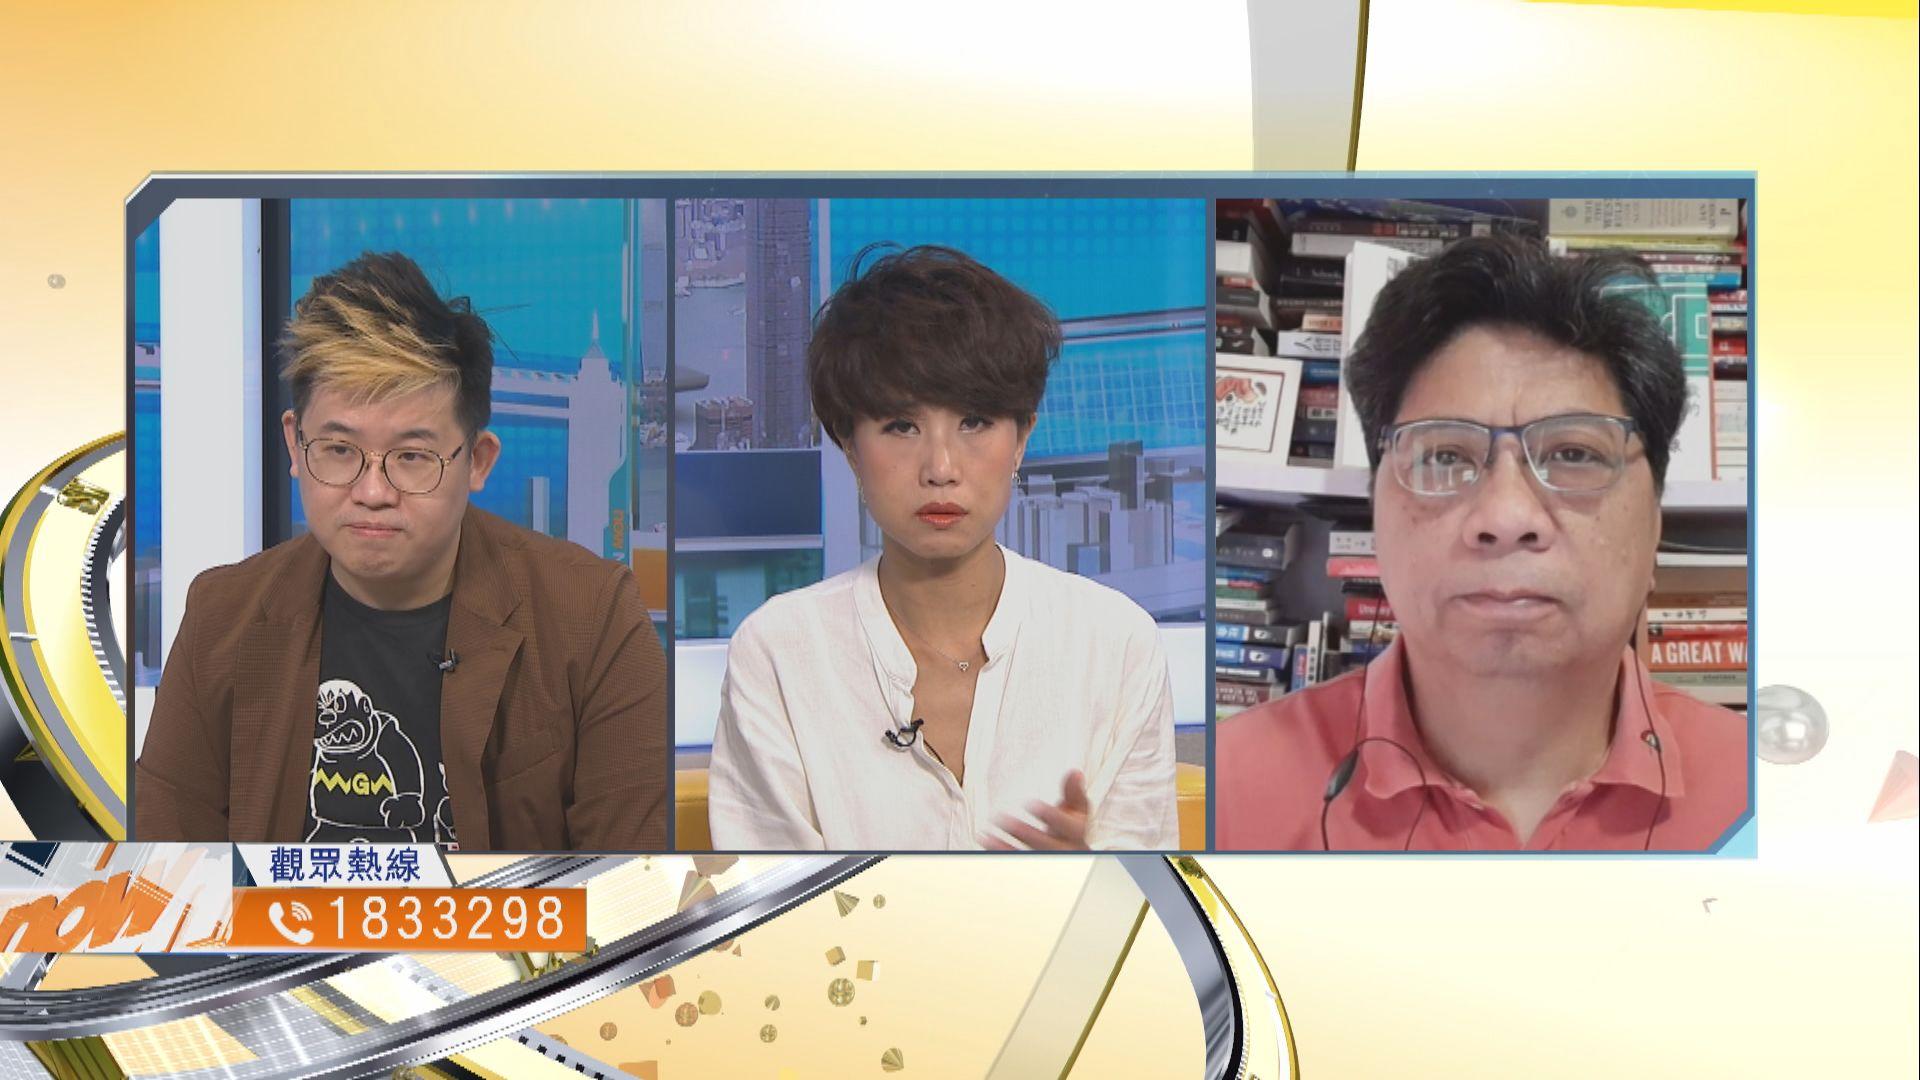 【時事全方位】《鏗鏘集》車牌查冊案罪成有何影響?(一)